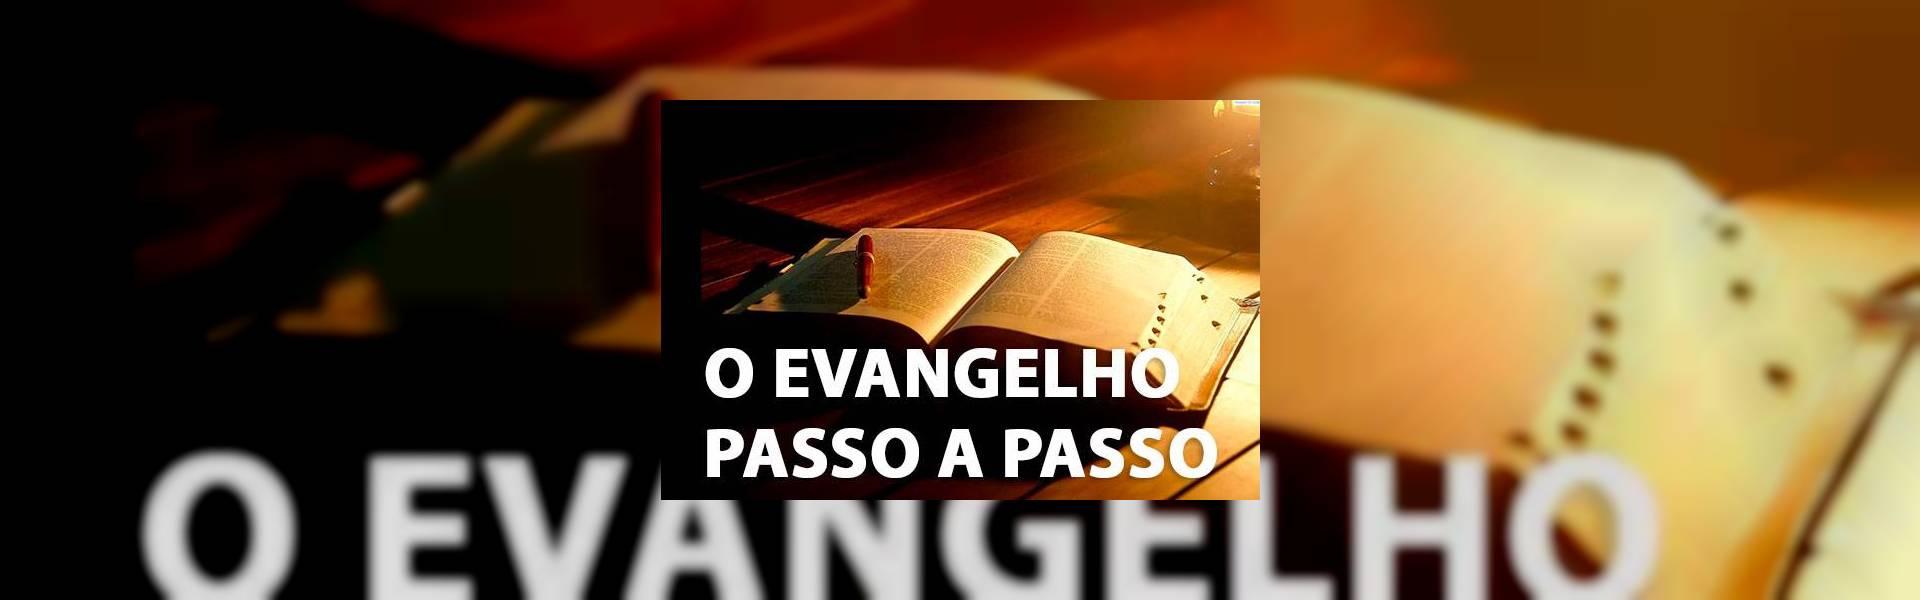 Mateus 11:1 - O Evangelho Passo a Passo